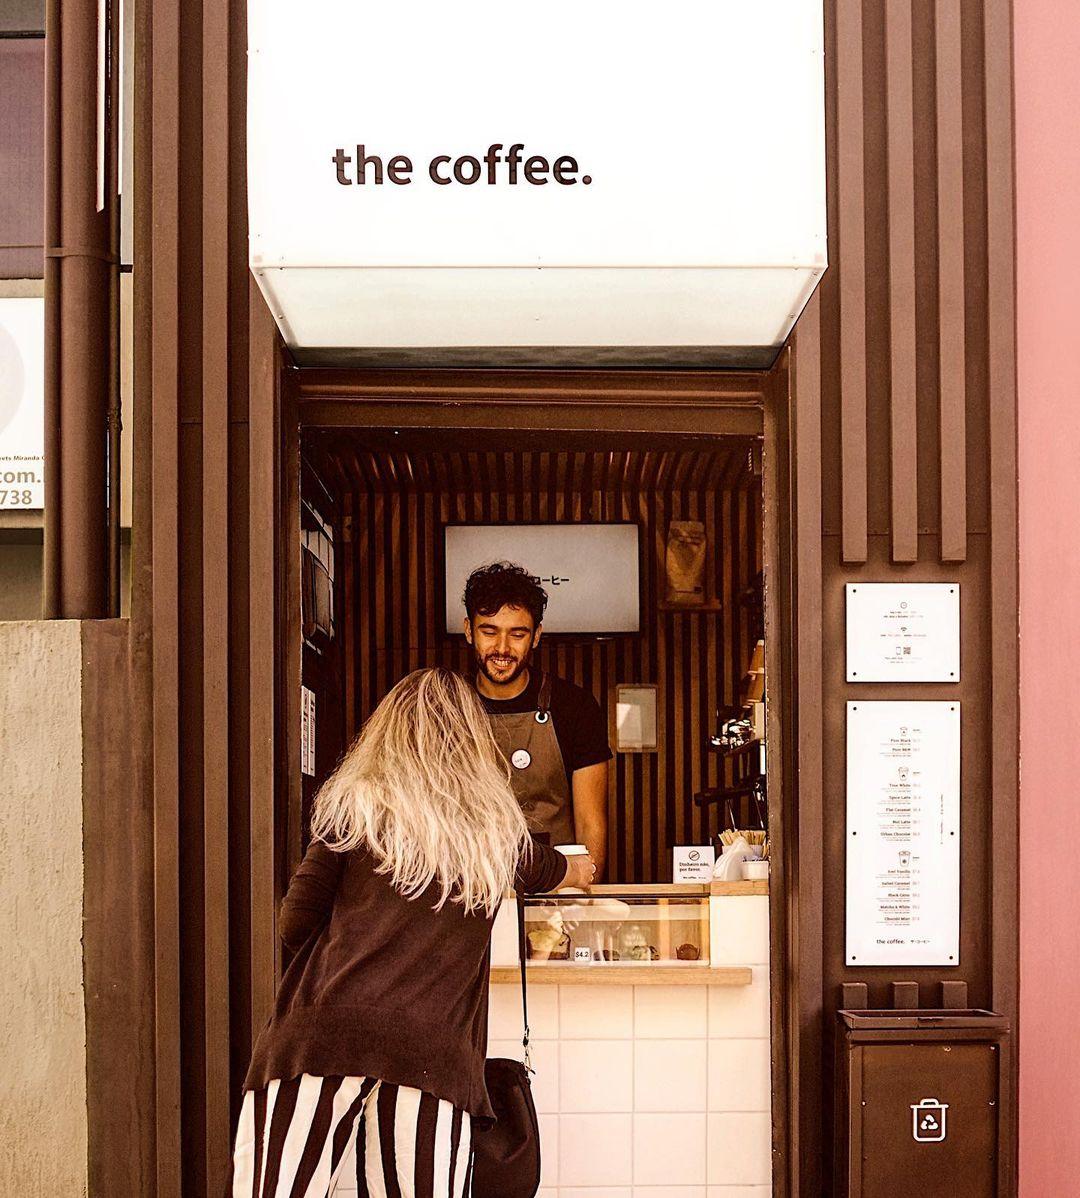 A foodtech Yhe Coffee tem conceito minimalista e tecnológico. Foto: Reprodução/Instagram The Coffee